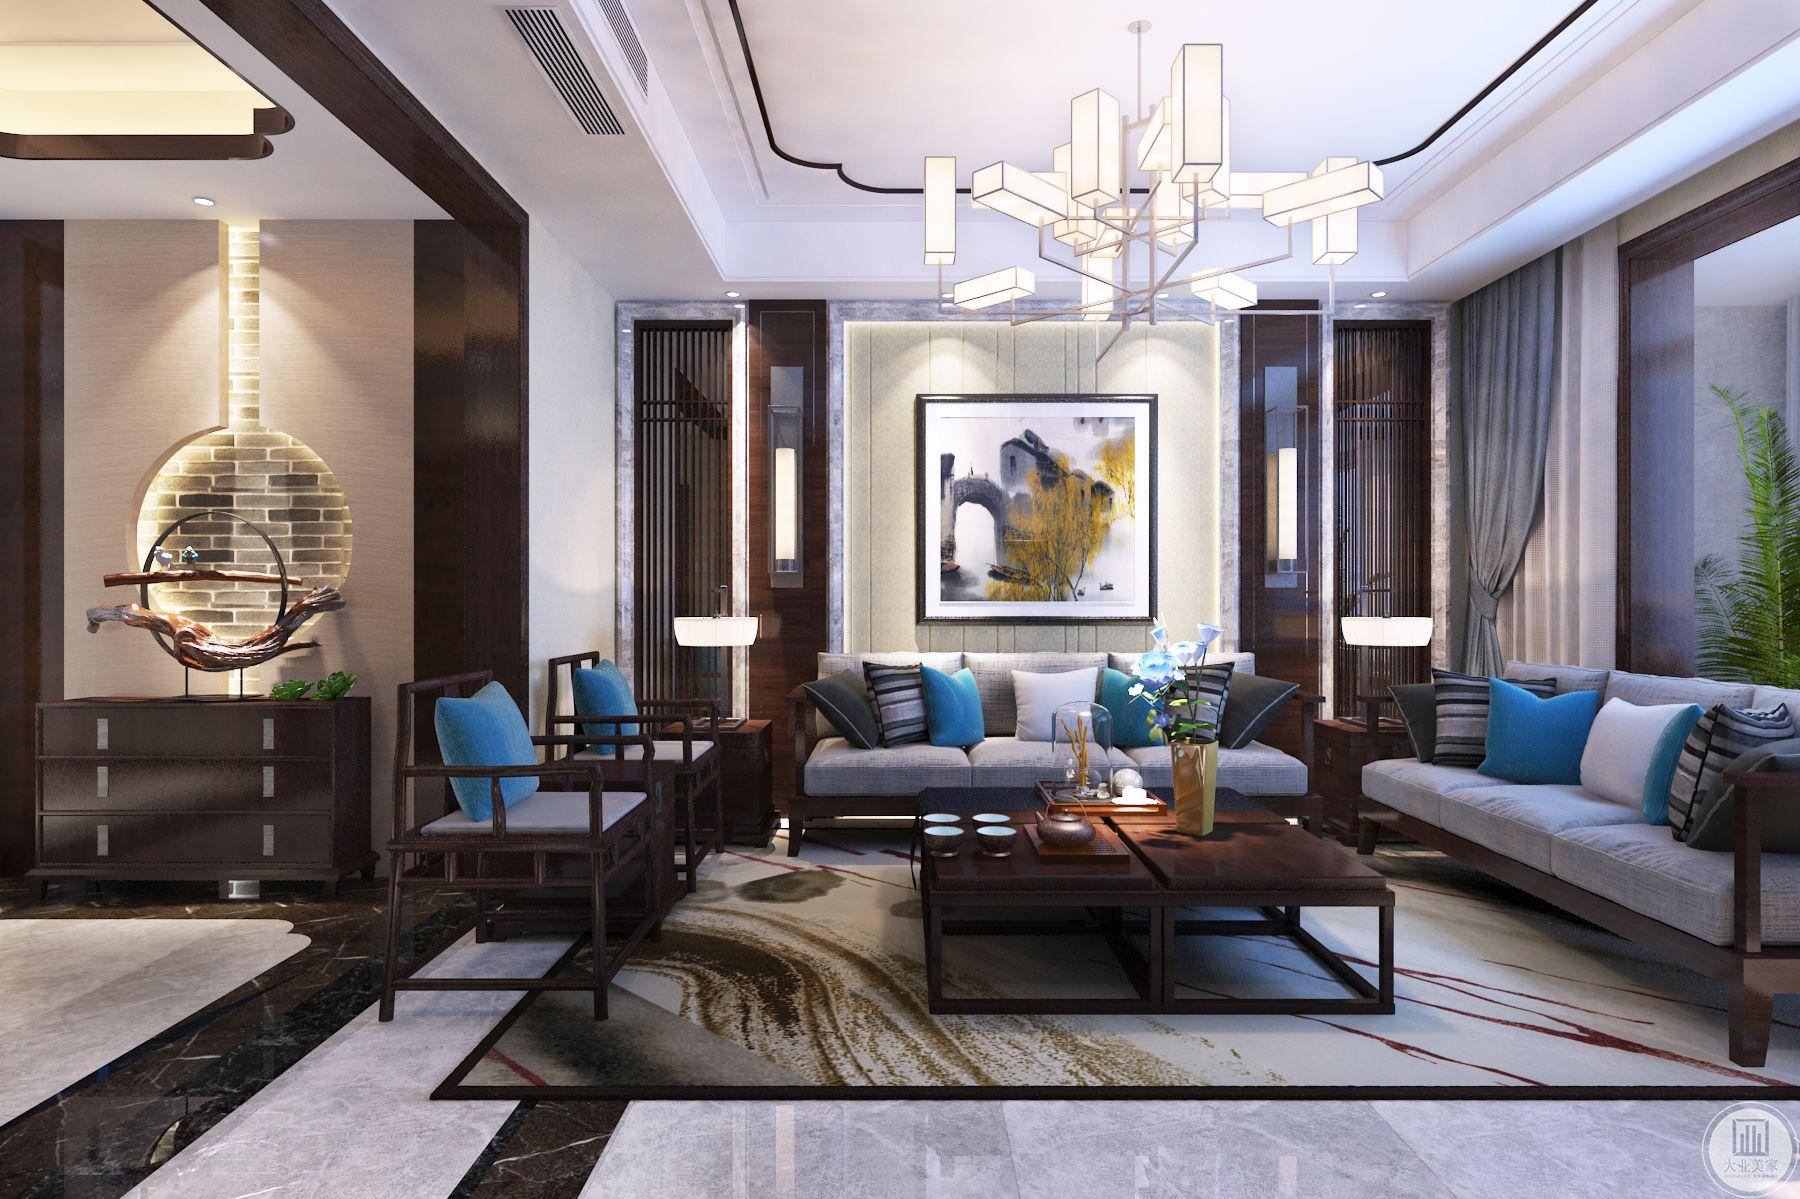 客厅色调以木色与灰色系为主,影视墙面的门洞做了形式感的对称处理,局部石材搭配硬包,彰显材质的层次感。背景墙为深凹面墙,在造型选材上相对丰富一些。